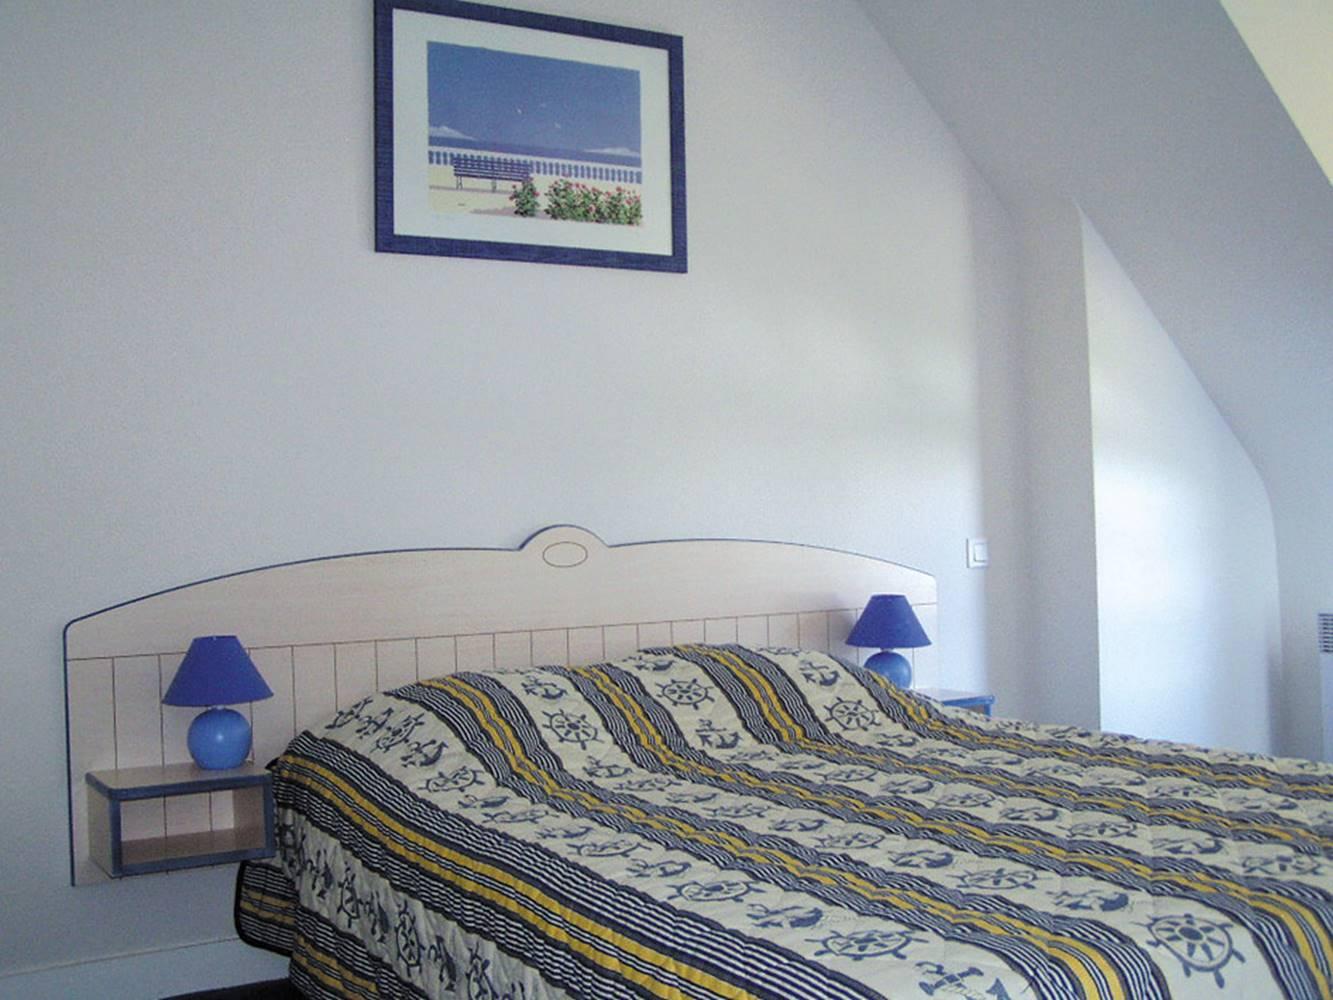 Residence-de-Tourisme-de-La-Voile-d-Or-Ile-aux-Moines-Morbihan-Bretagne-Sud ©